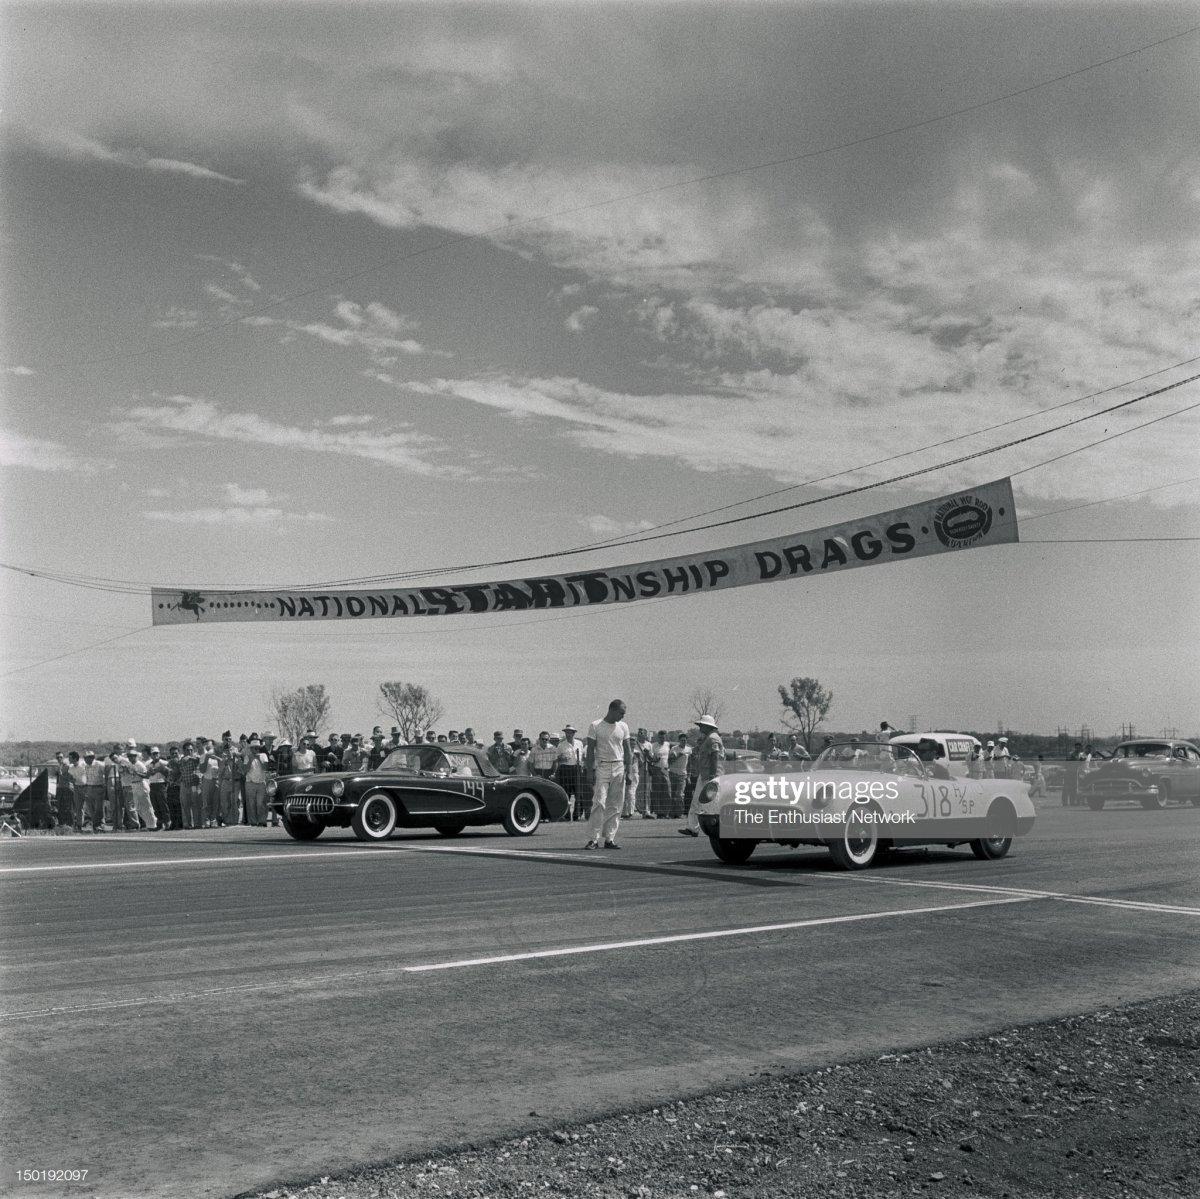 64 1956 National Championship Drag Races - Ka.jpg